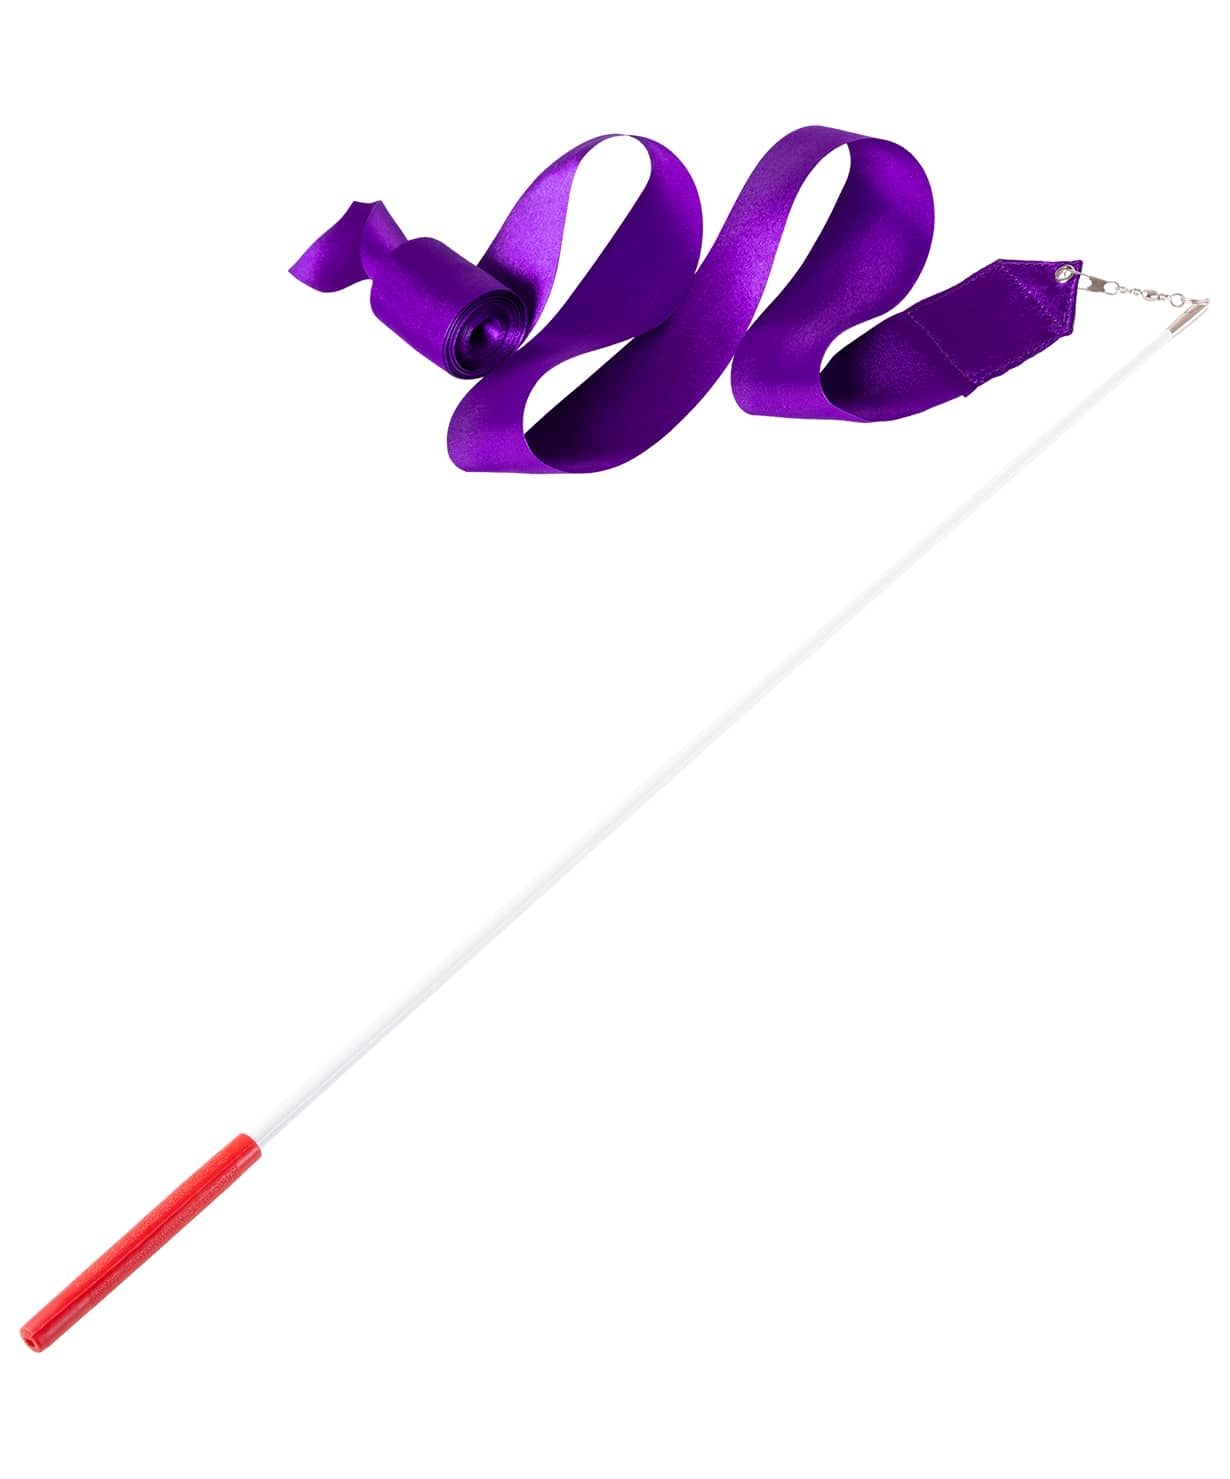 Лента для художественной гимнастики AGR-201 4м, с палочкой 46 см, фиолетовый